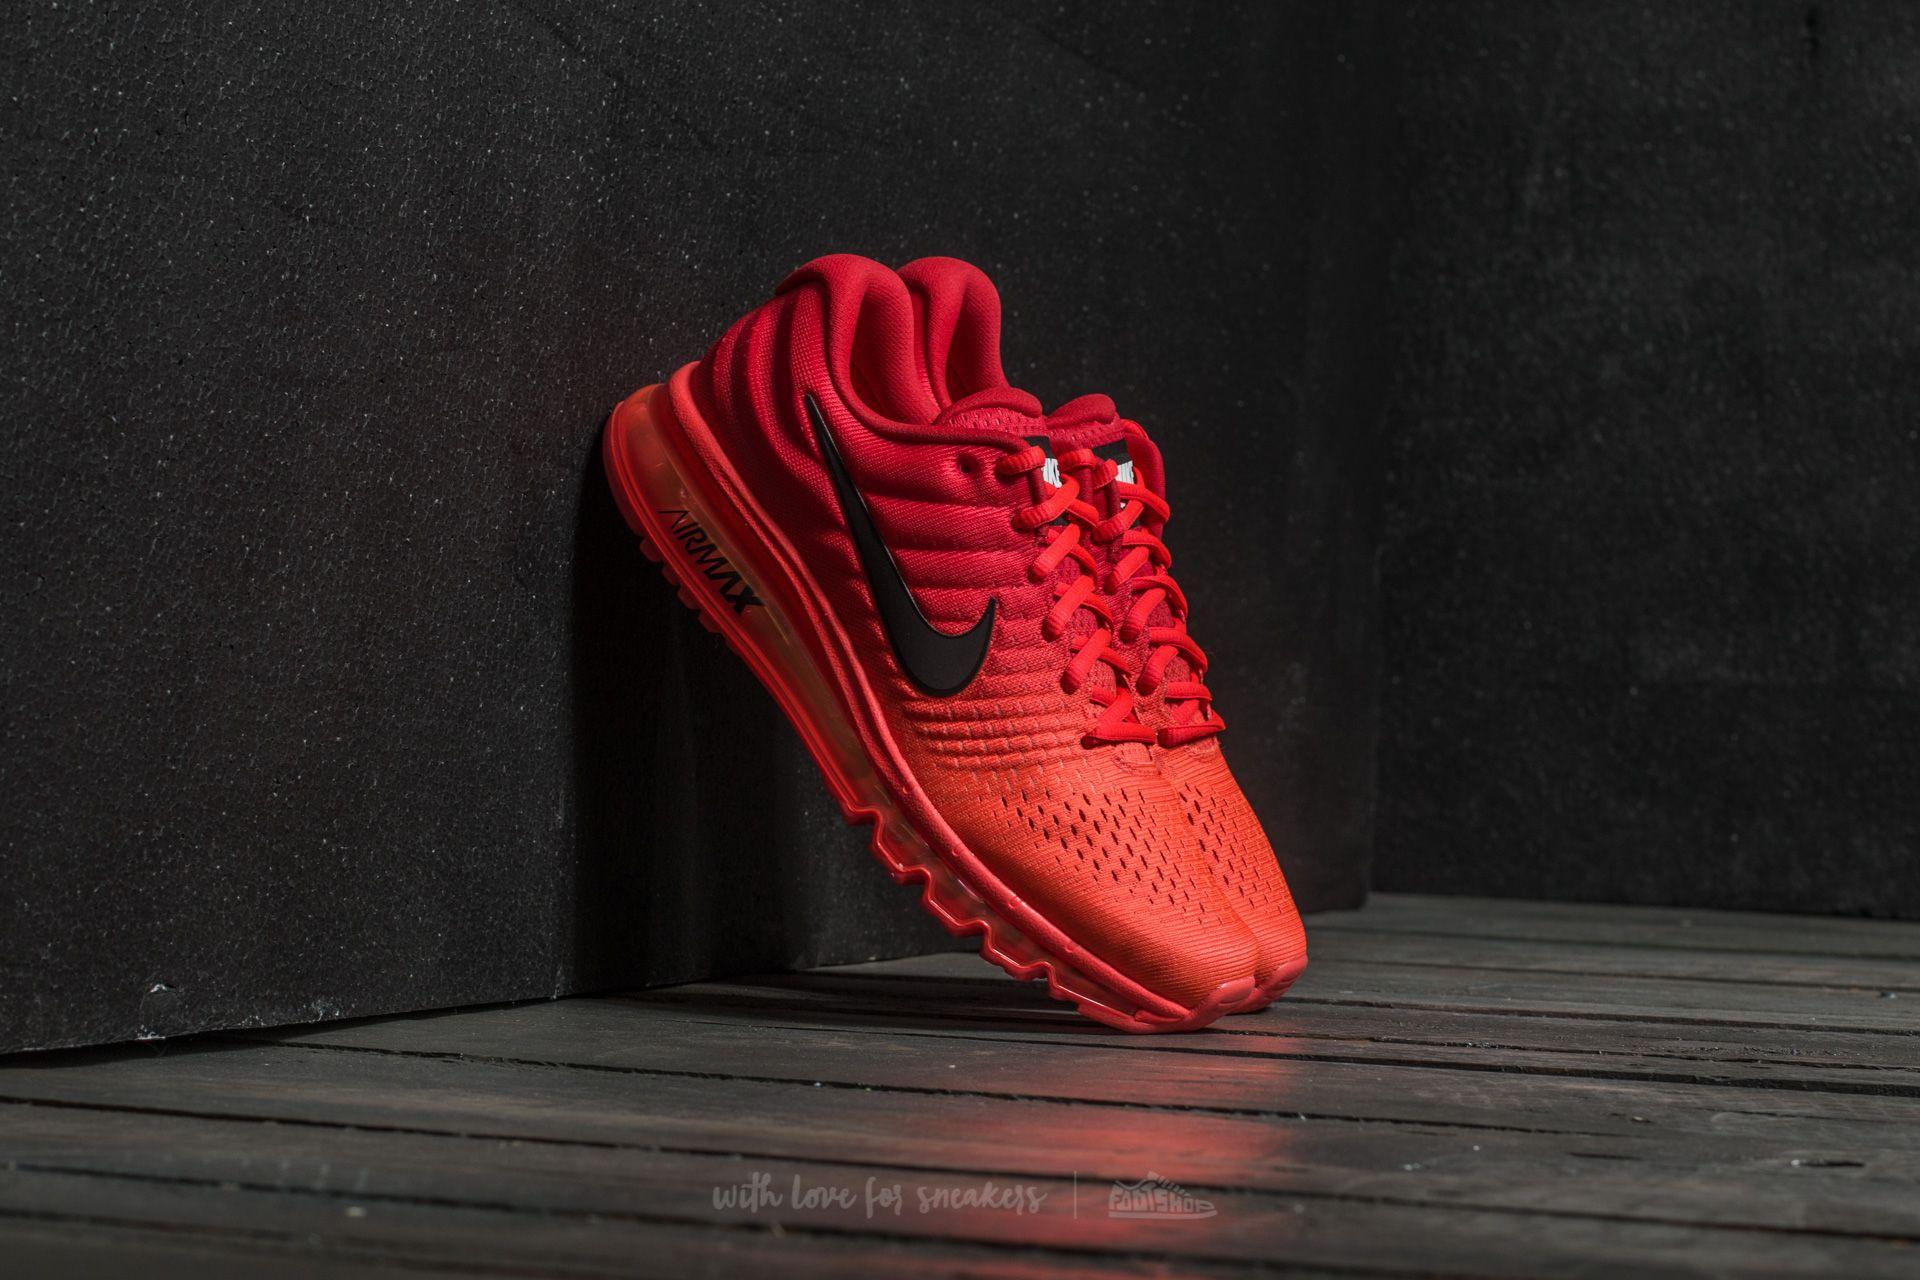 d7140c20b852 Nike Air Max 2017 Bright Crimson  Black